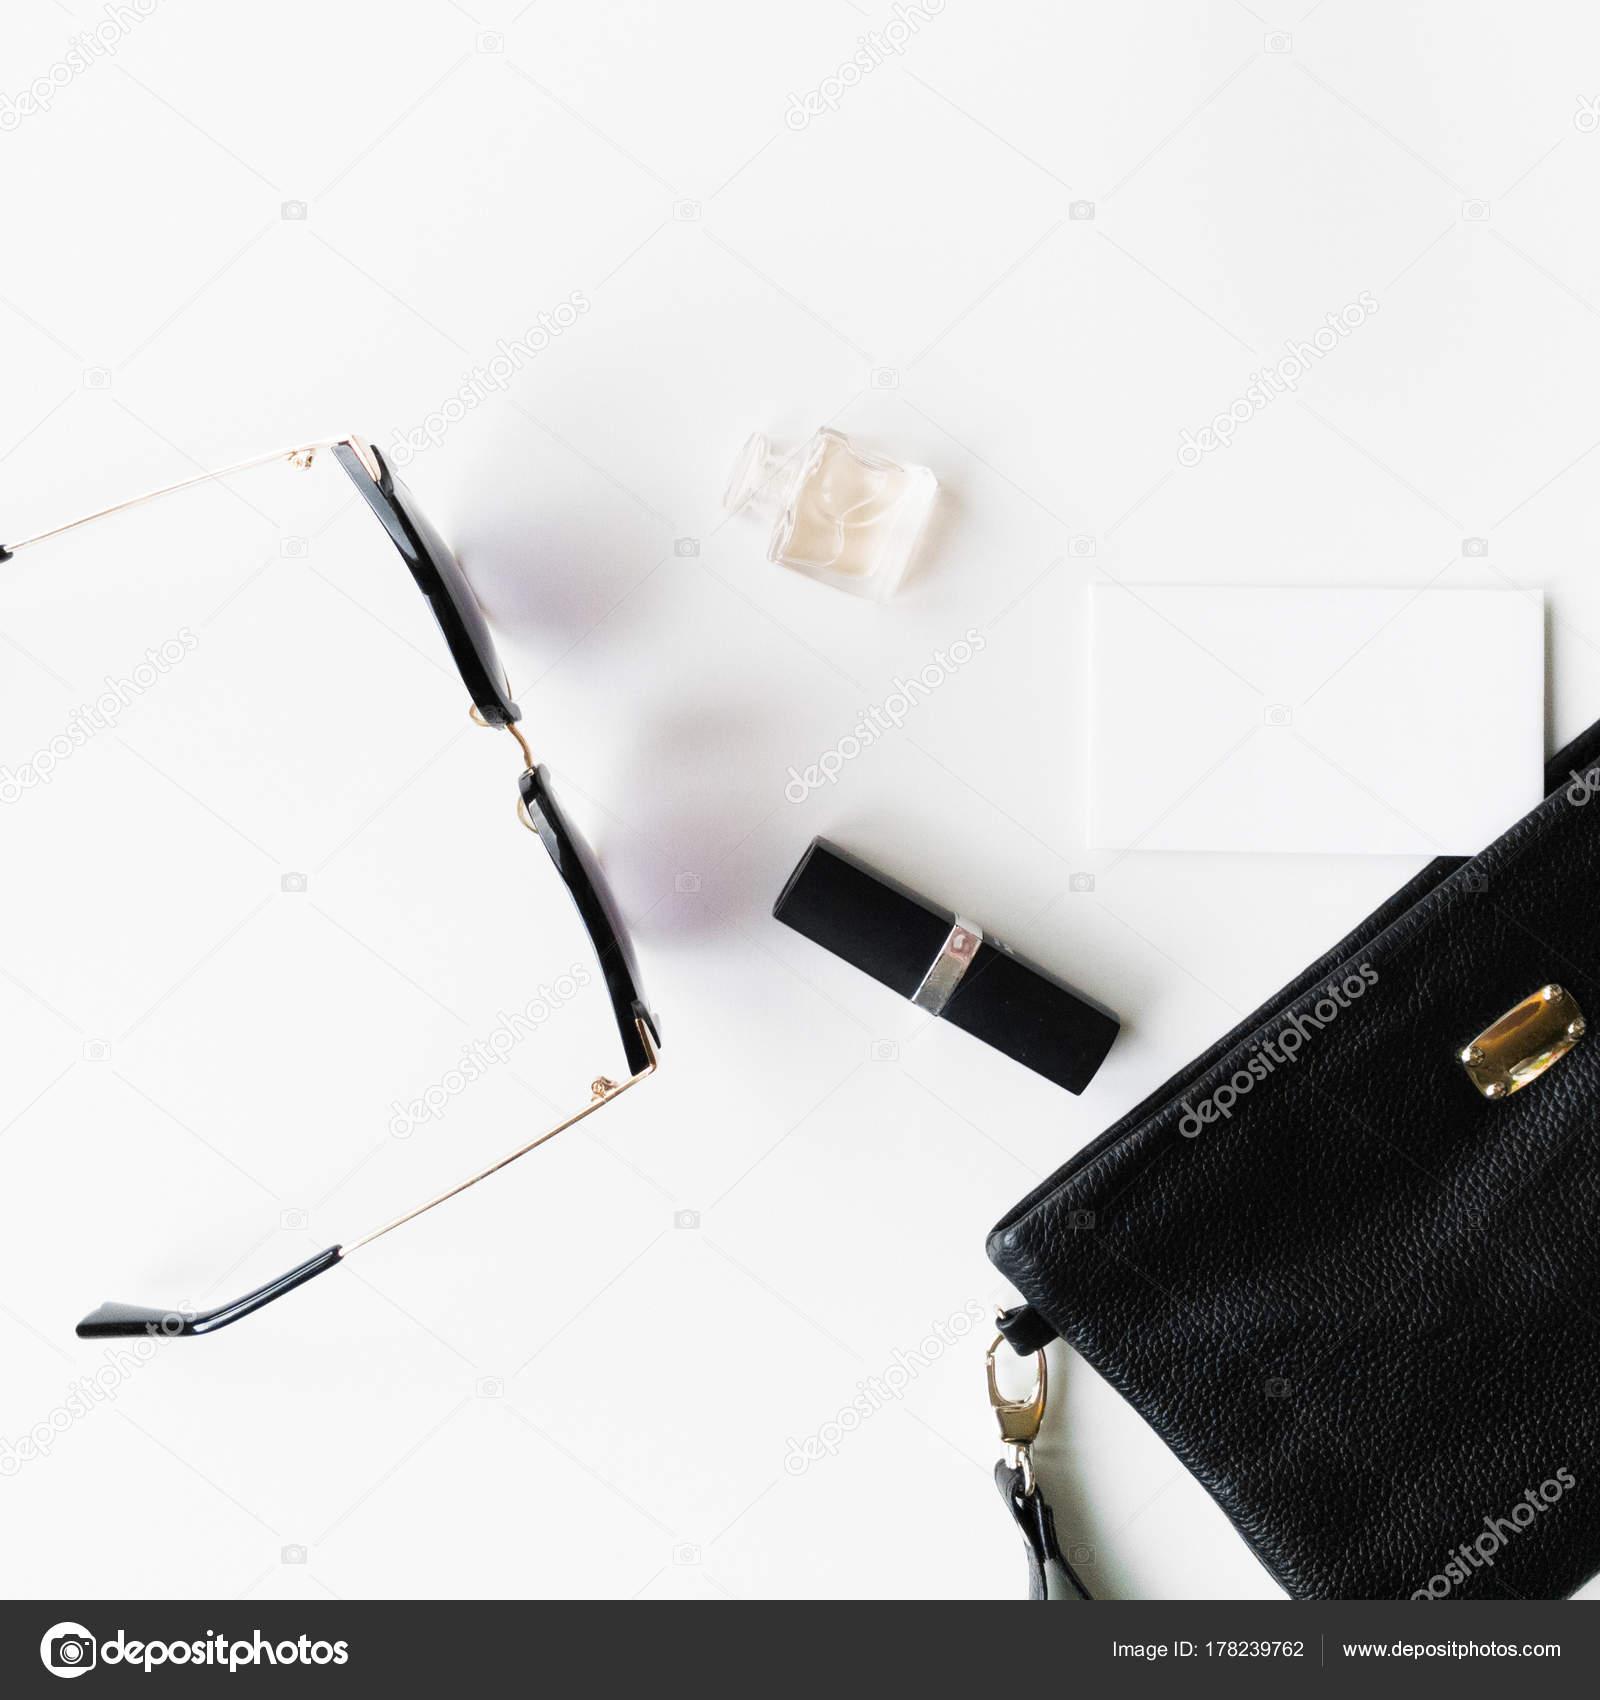 96746c53ffb0a Вид сверху Аксессуары для женщины. Стильные очки. Модные женские аксессуары  очки смотреть помады духи и черный мешок. Накладные расходы essentials для  любой ...